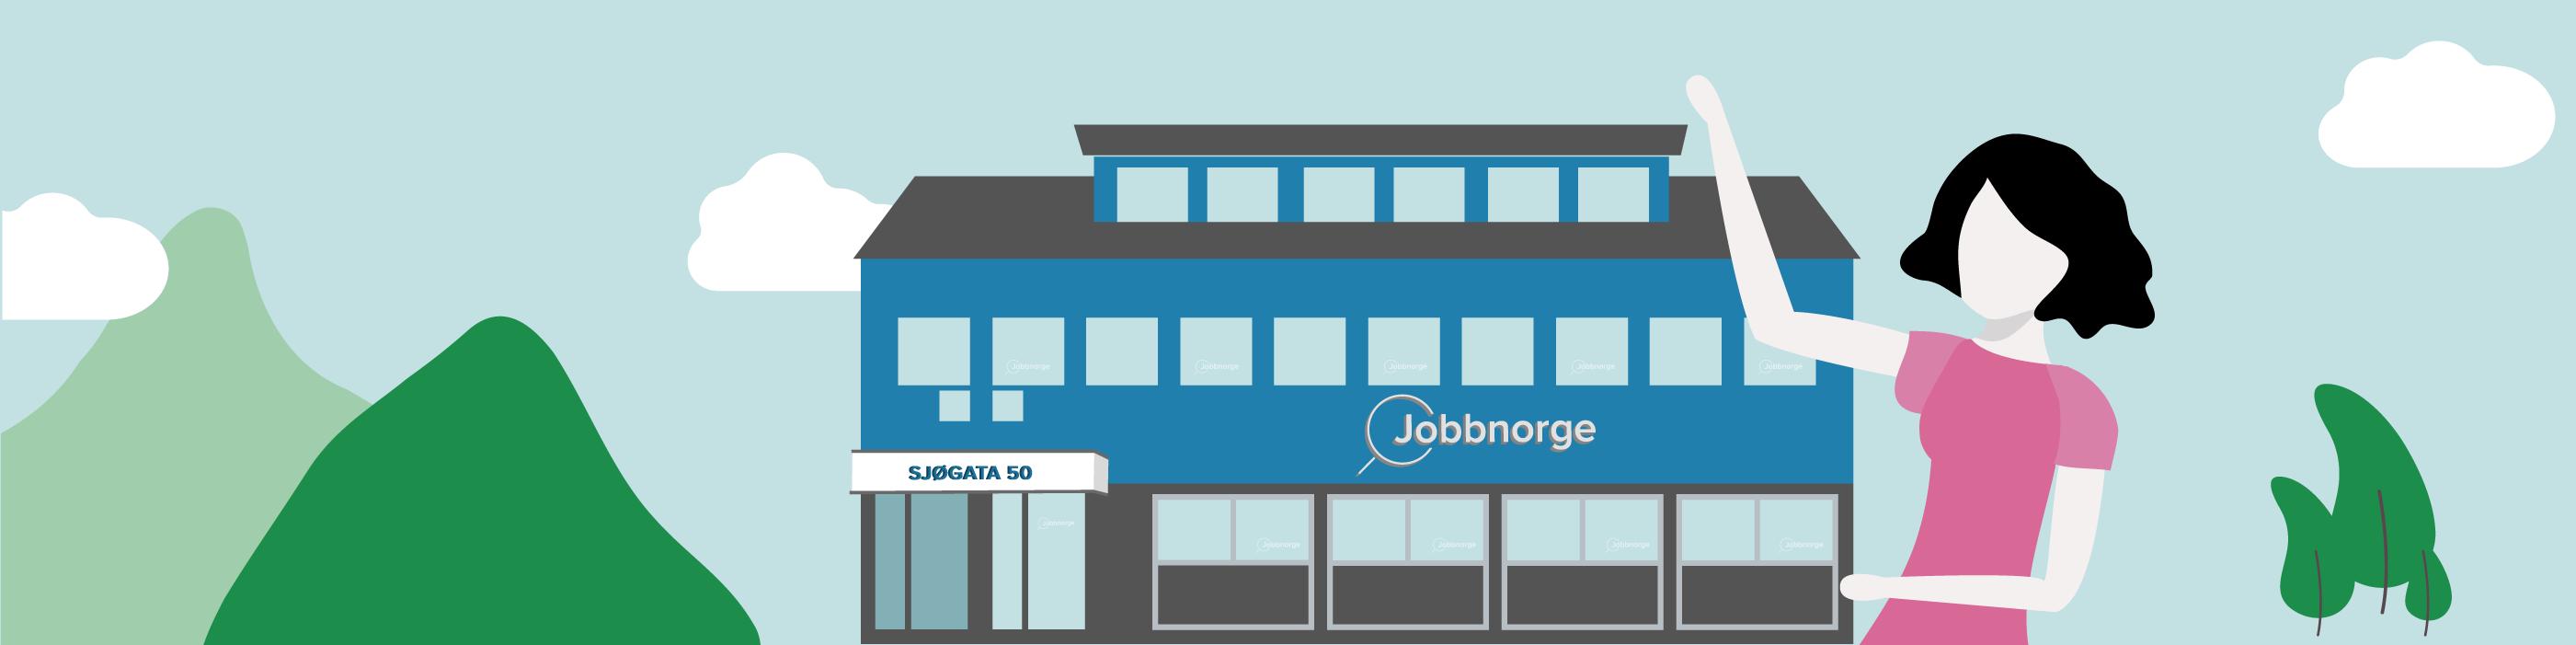 Illustrasjon av Jobbnorge-bygget